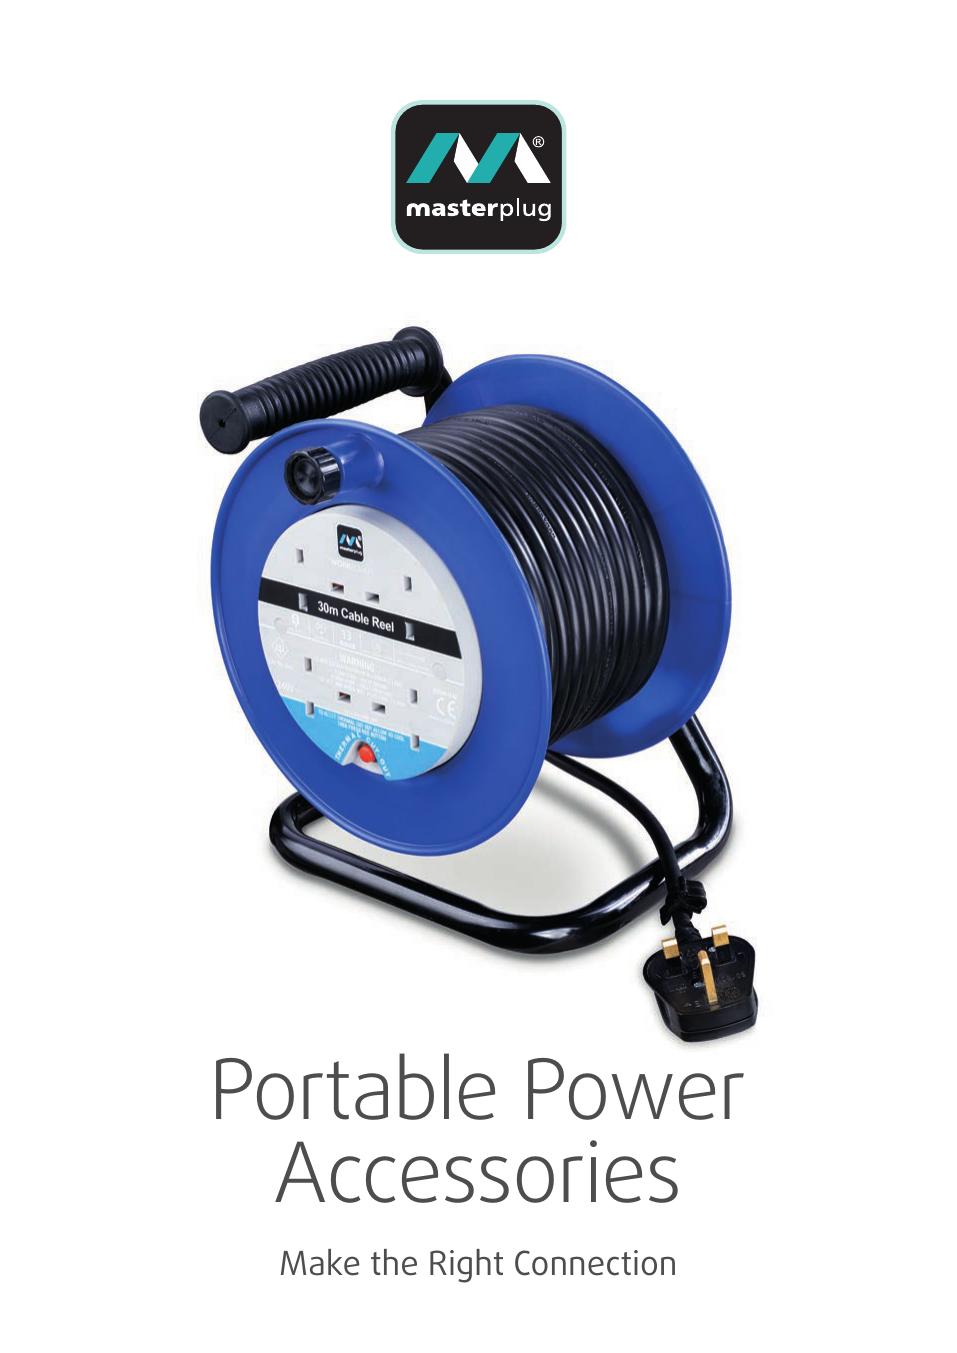 Masterplug Indoor Power 6 Gang 13 Amp Prise Avec 3 Mètre Extension Lead BSG3N